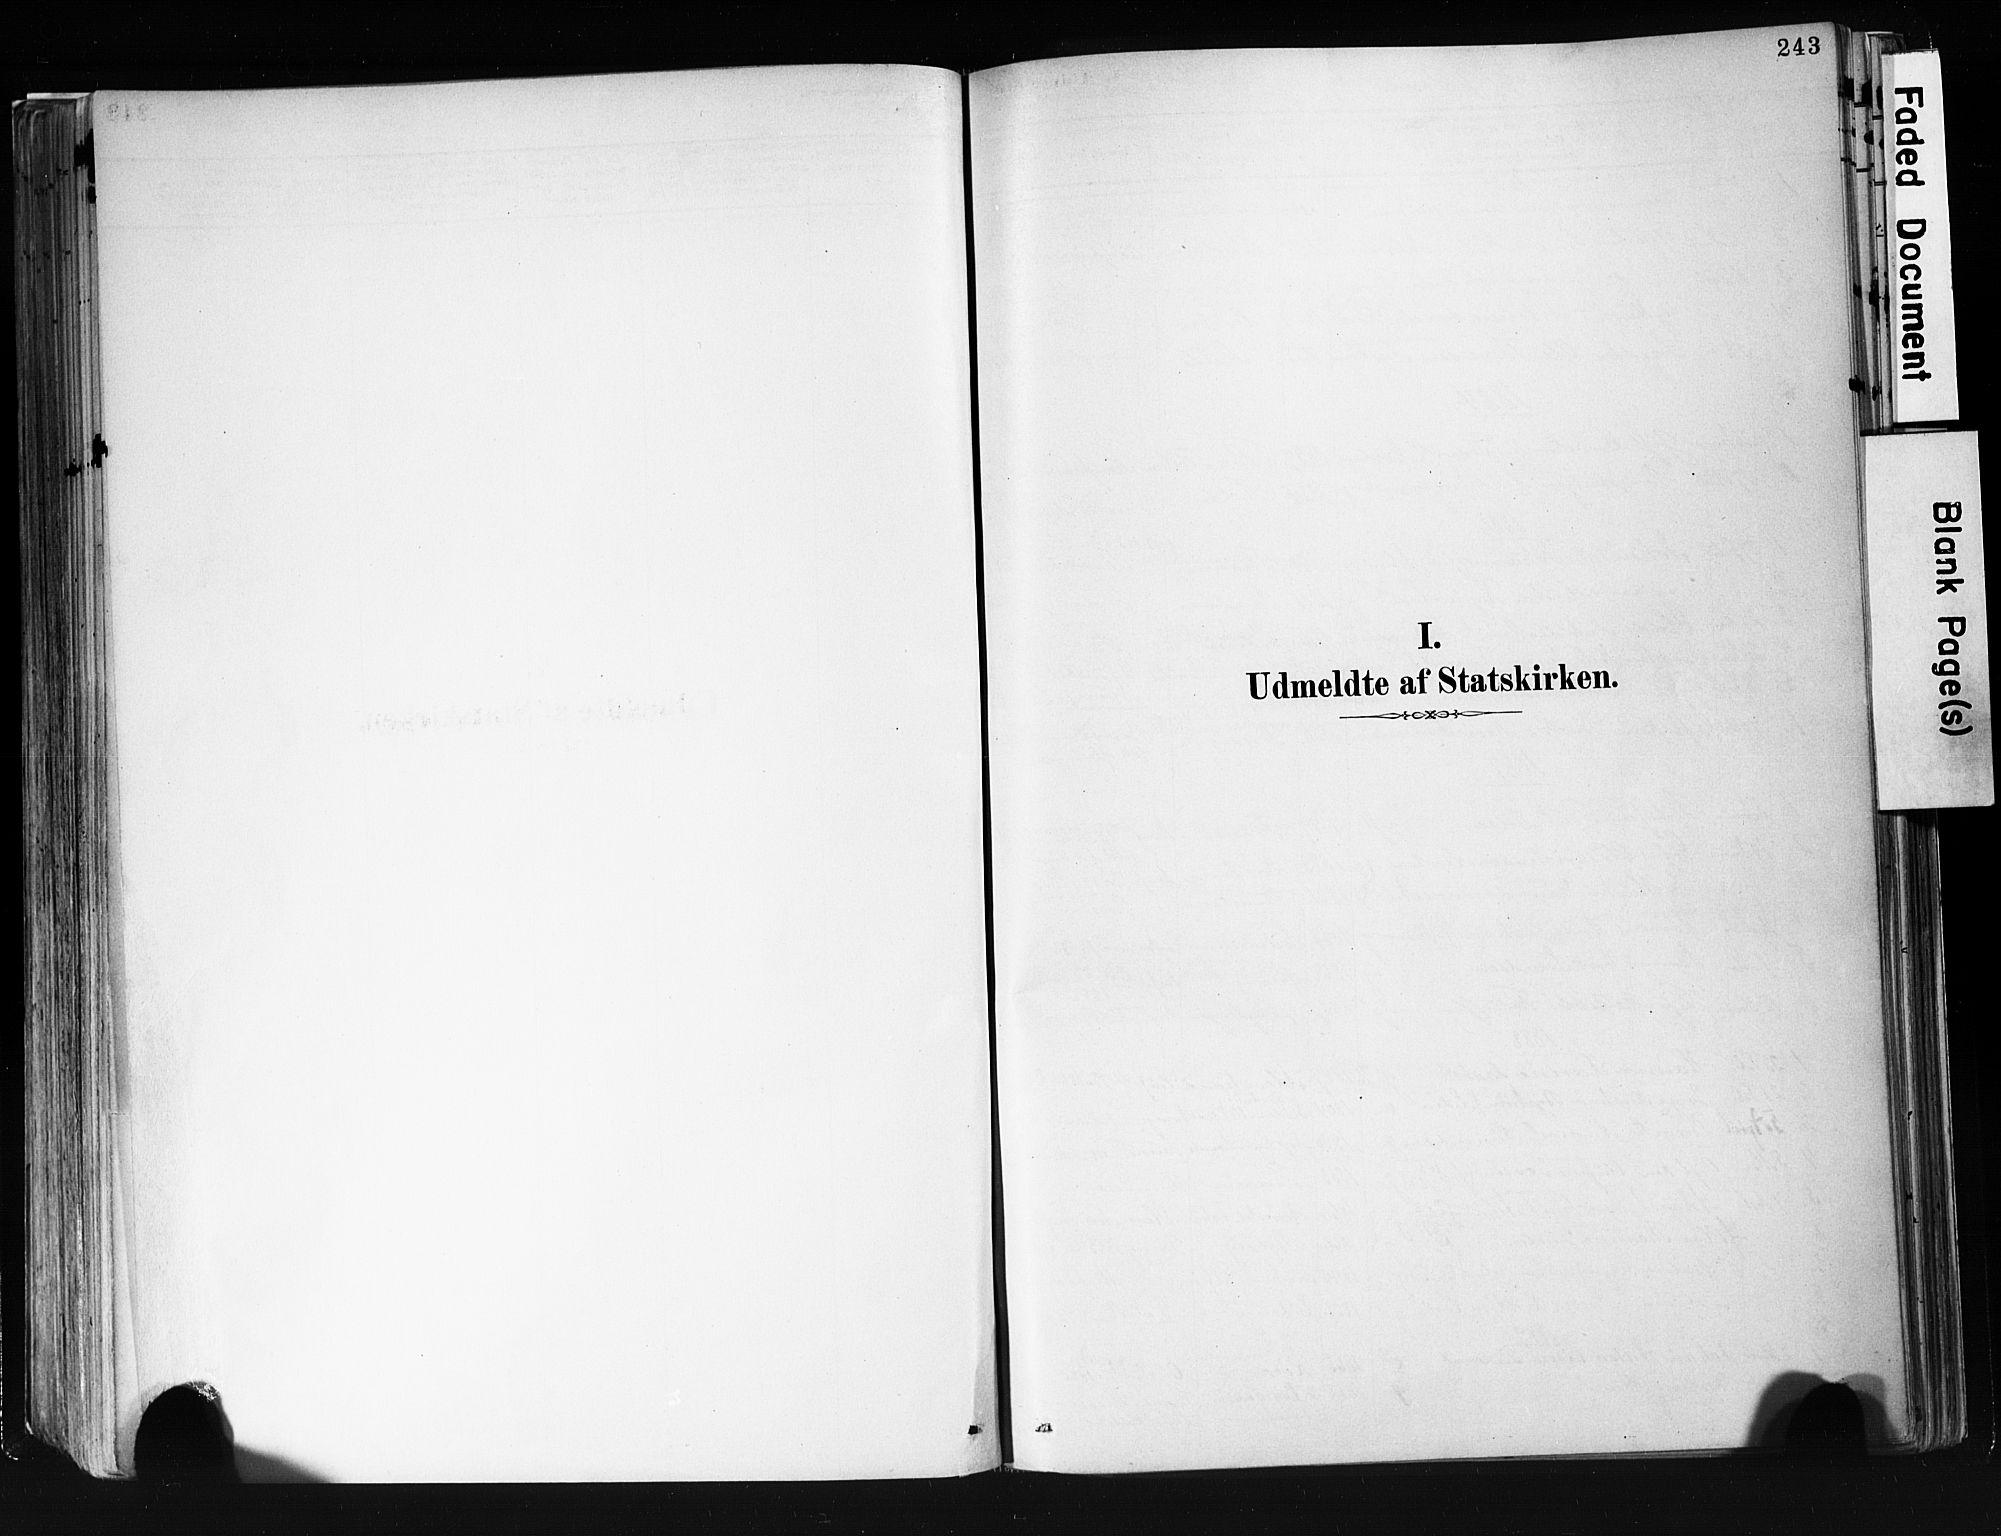 SAKO, Eidanger kirkebøker, F/Fa/L0012: Ministerialbok nr. 12, 1879-1900, s. 243